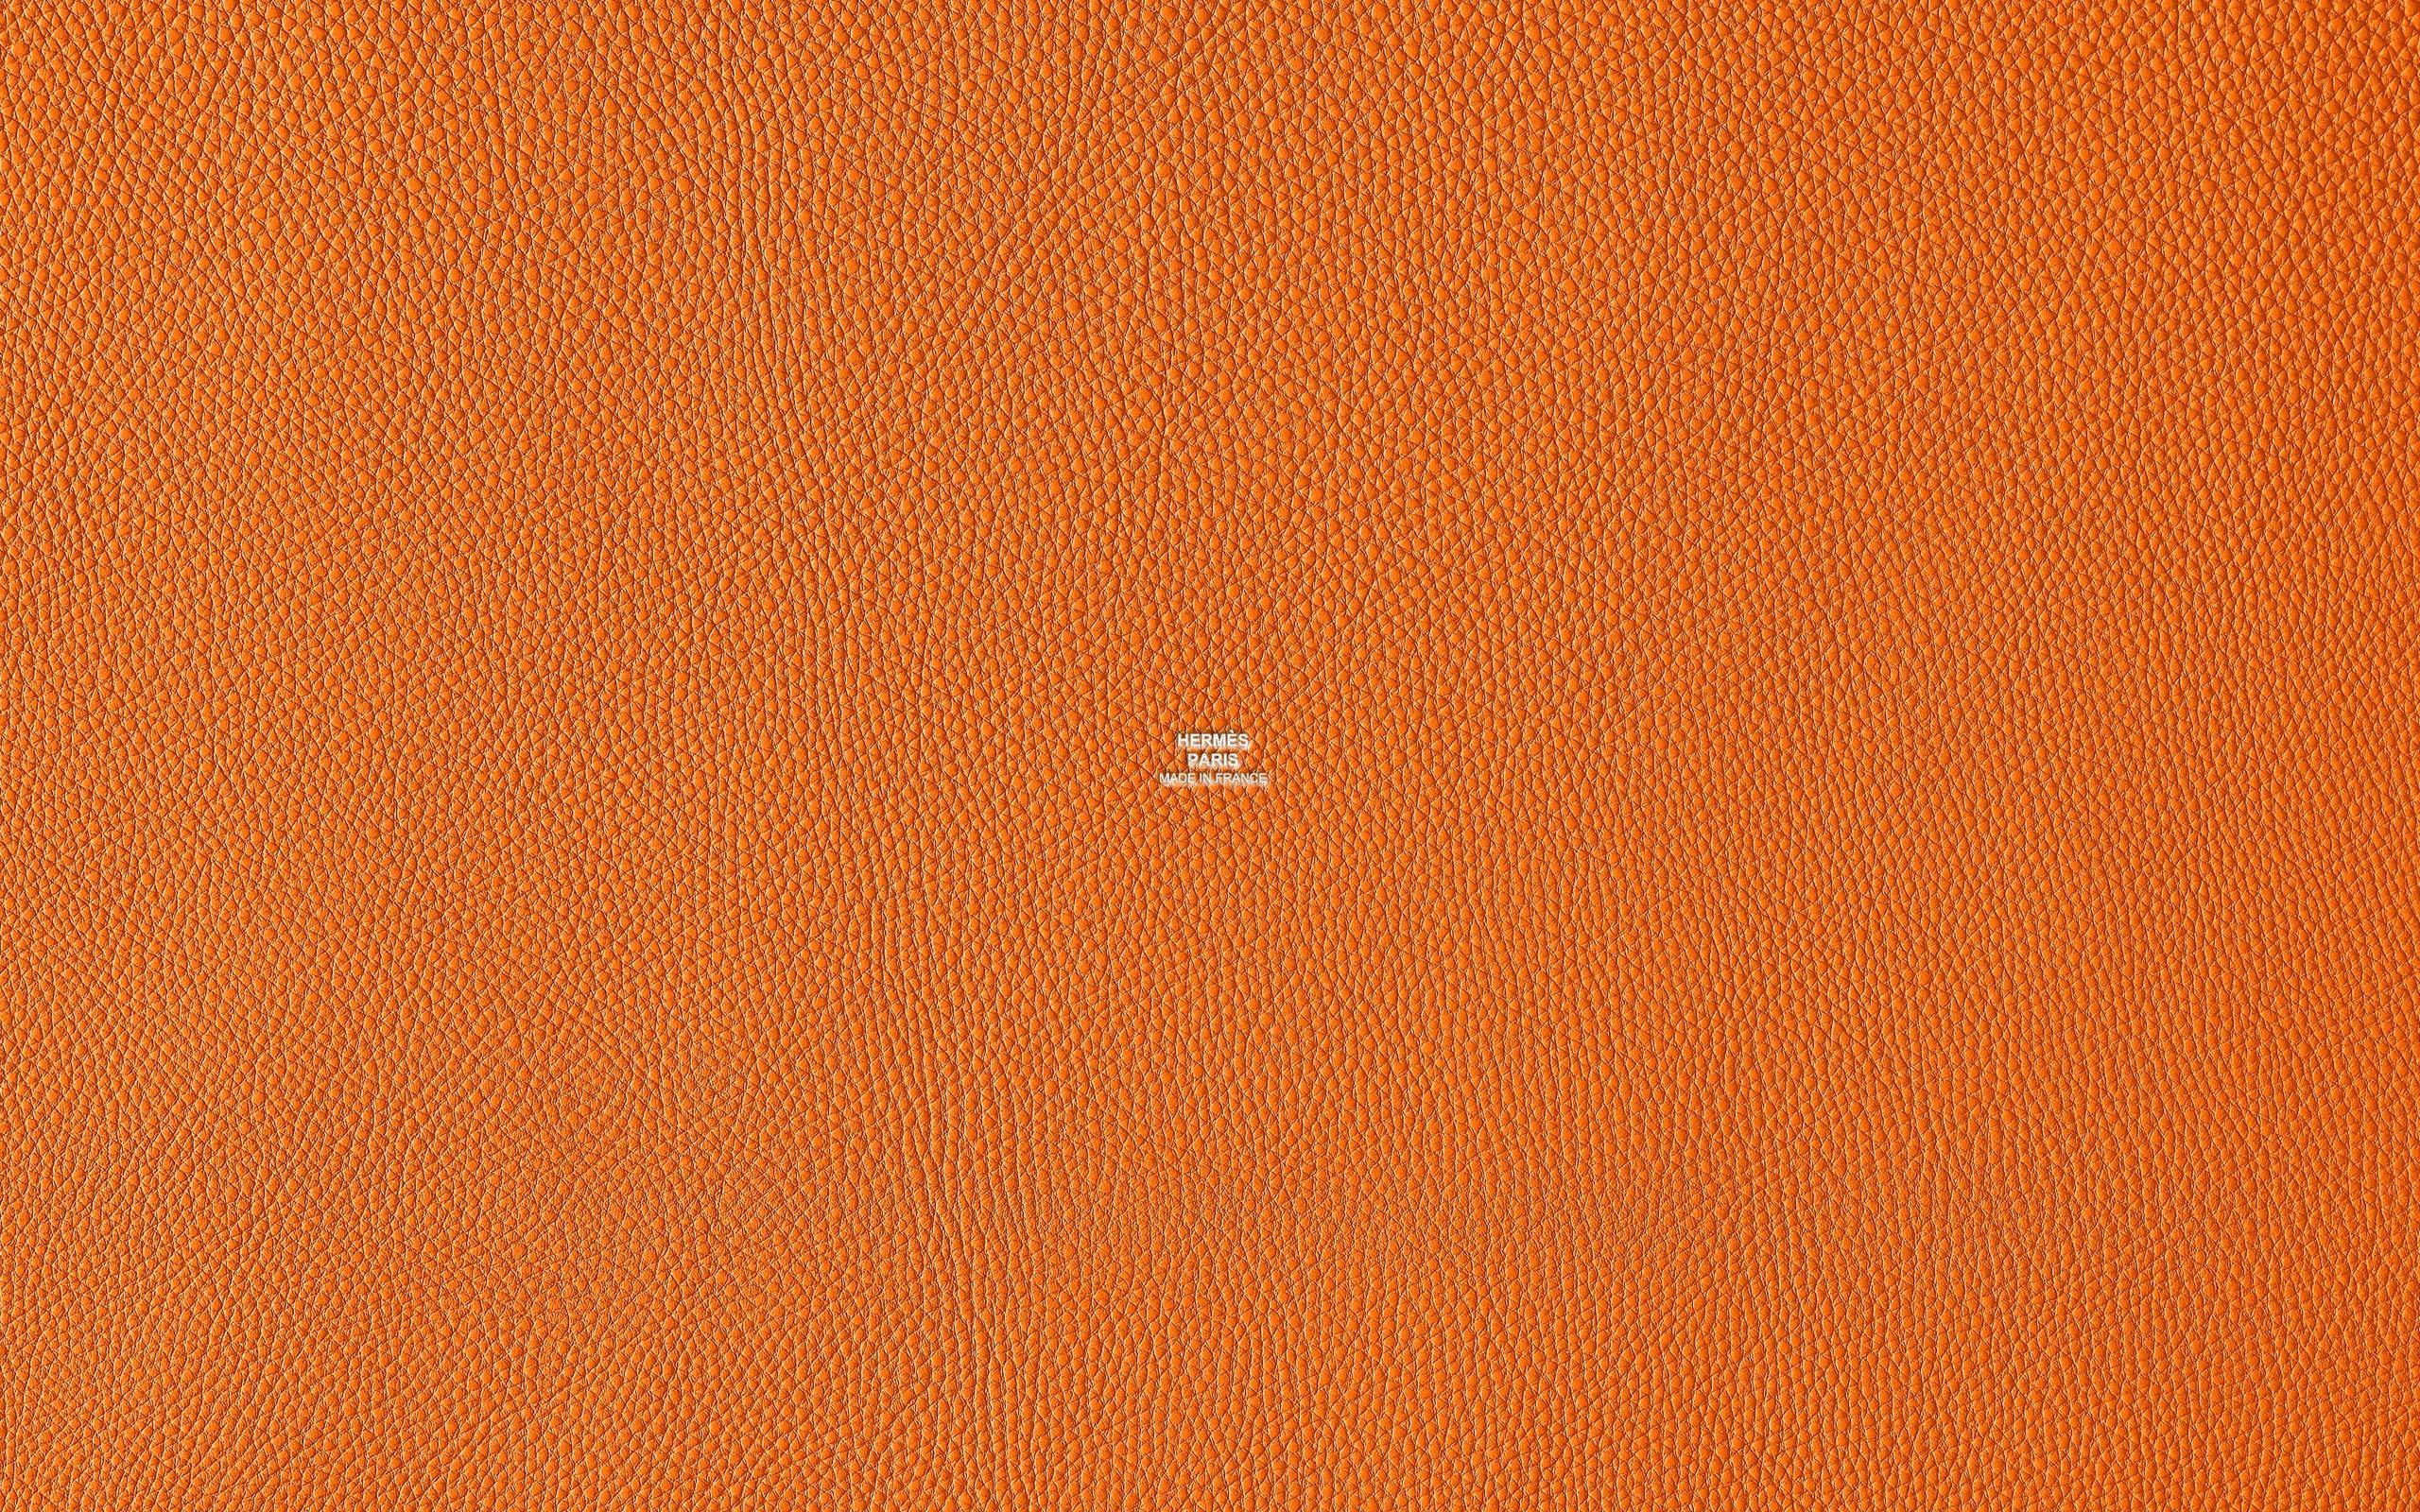 hermes orange togo 2560 1600 orange green pinterest. Black Bedroom Furniture Sets. Home Design Ideas